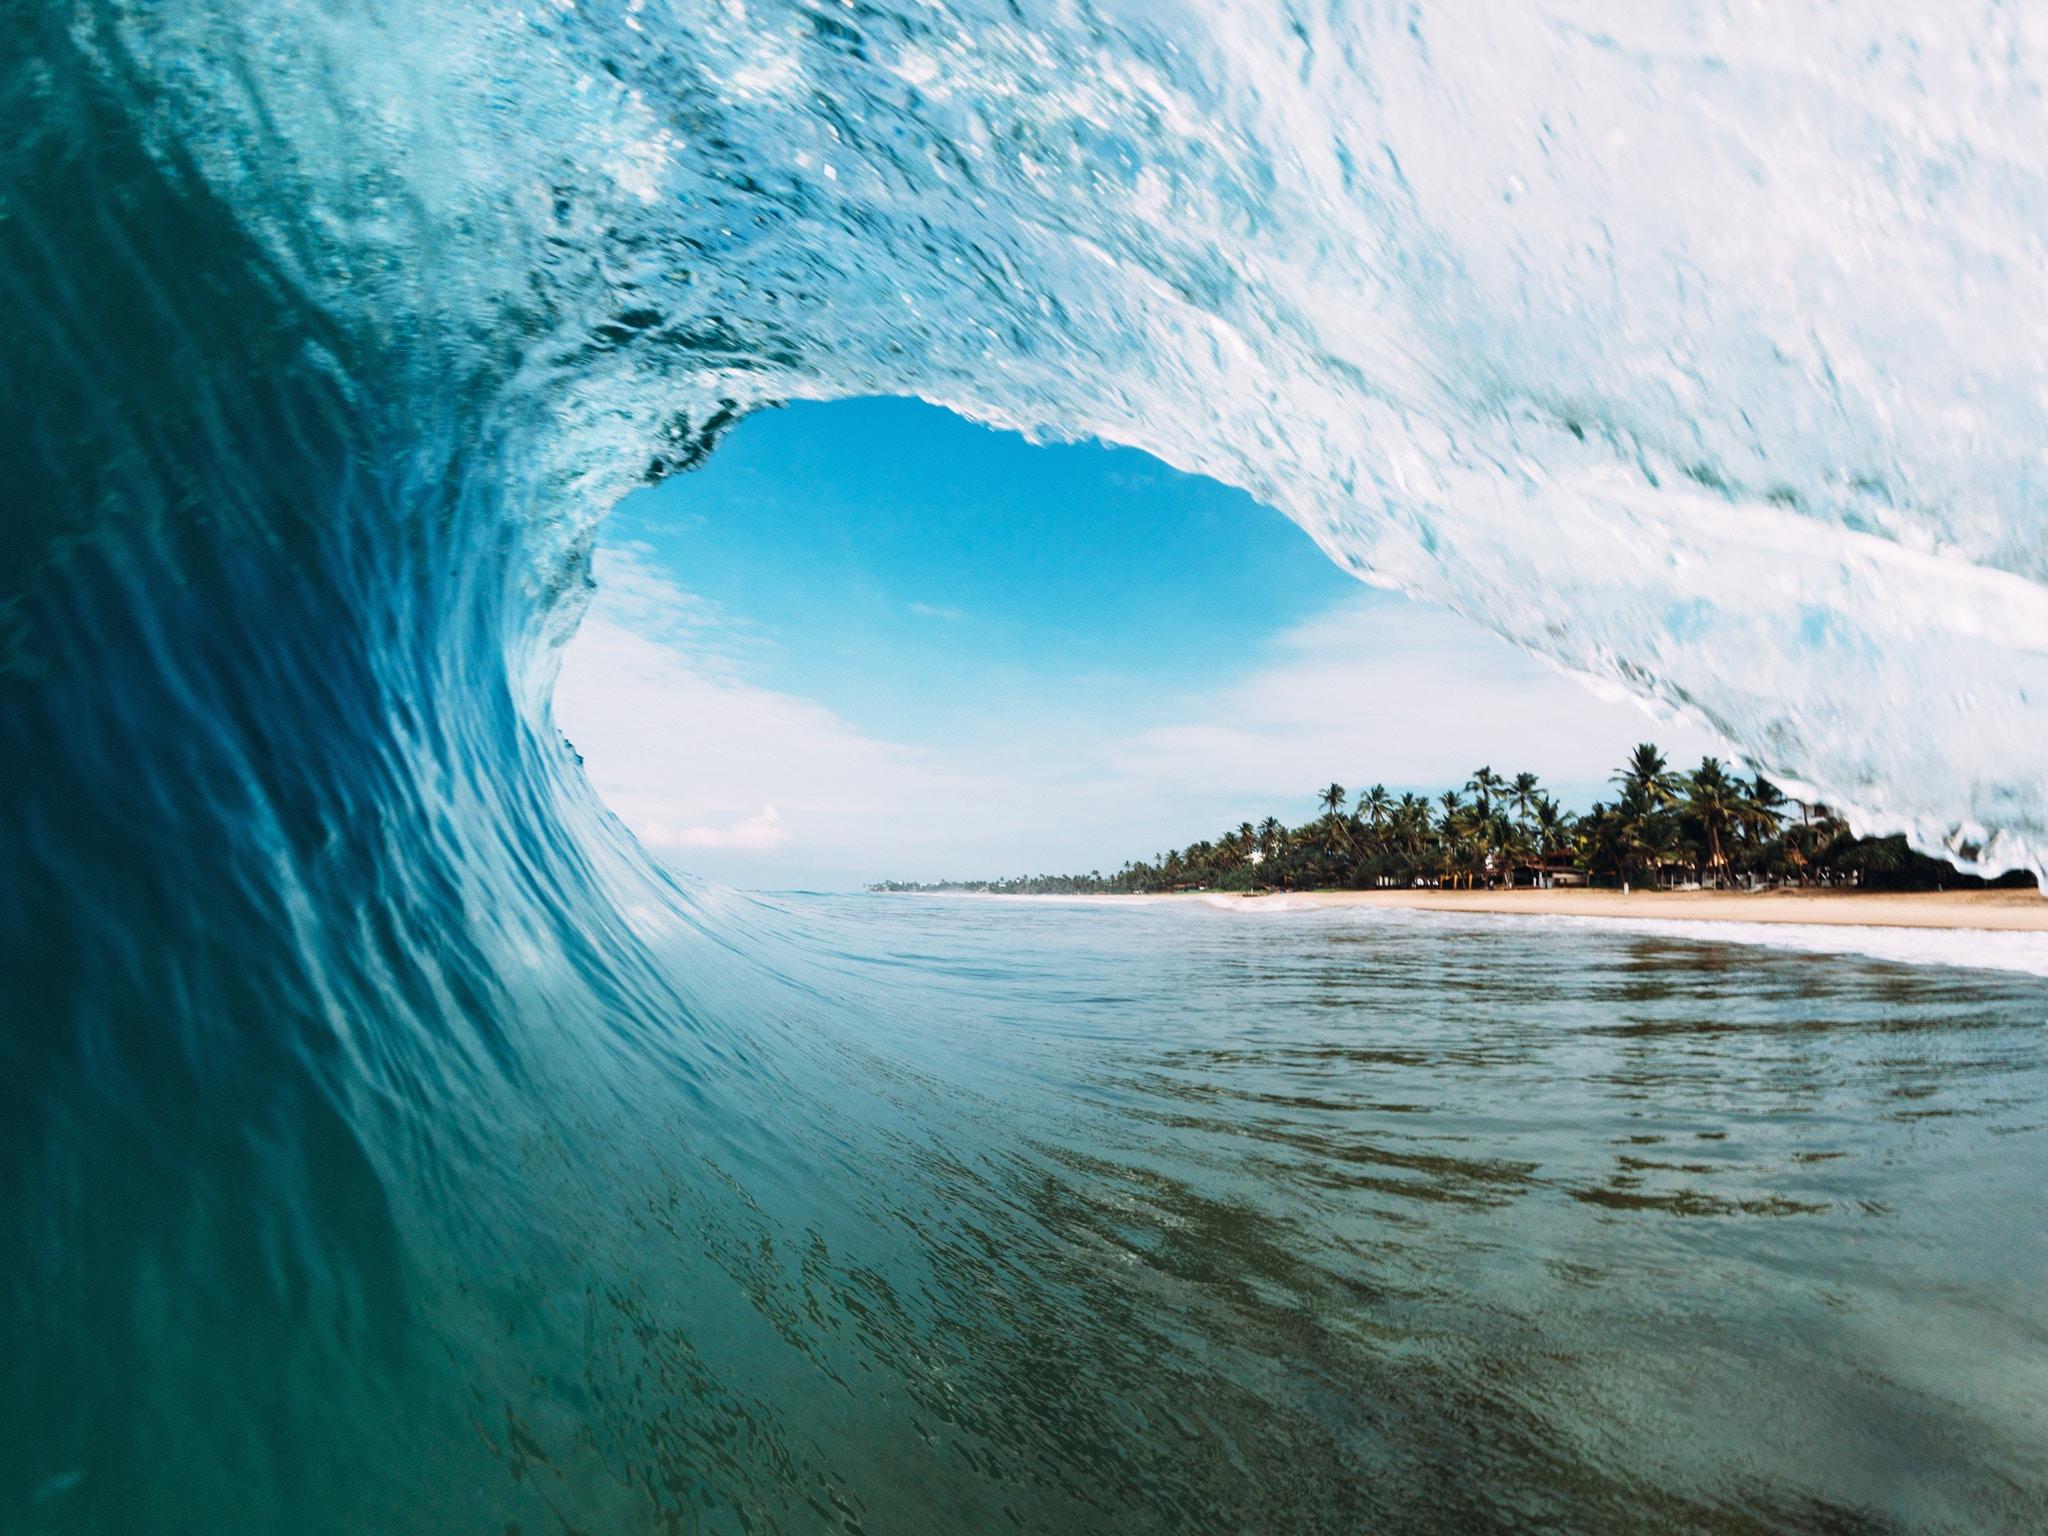 台湾でサーフィンならここがおすすめ!人気のスポットをご紹介!